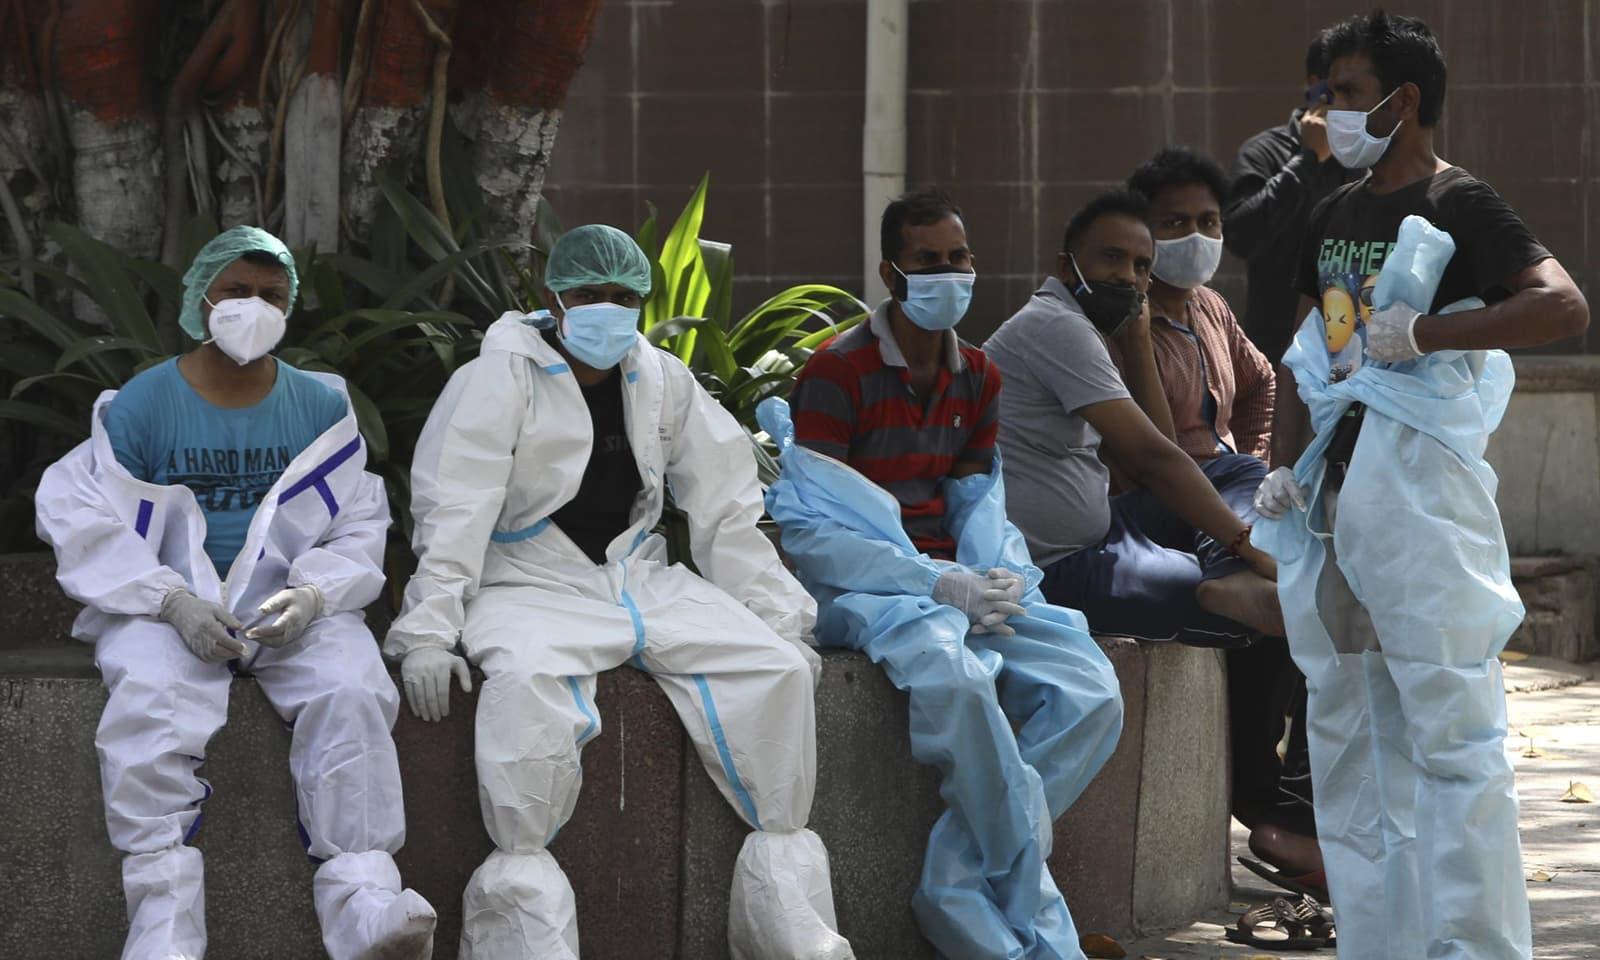 نئی دہلی میں وبا کا پھیلاؤ بے قابو ہونے سے طبی عملہ بہت زیادہ دباؤ کا شکار ہے —فوٹو:اے پی